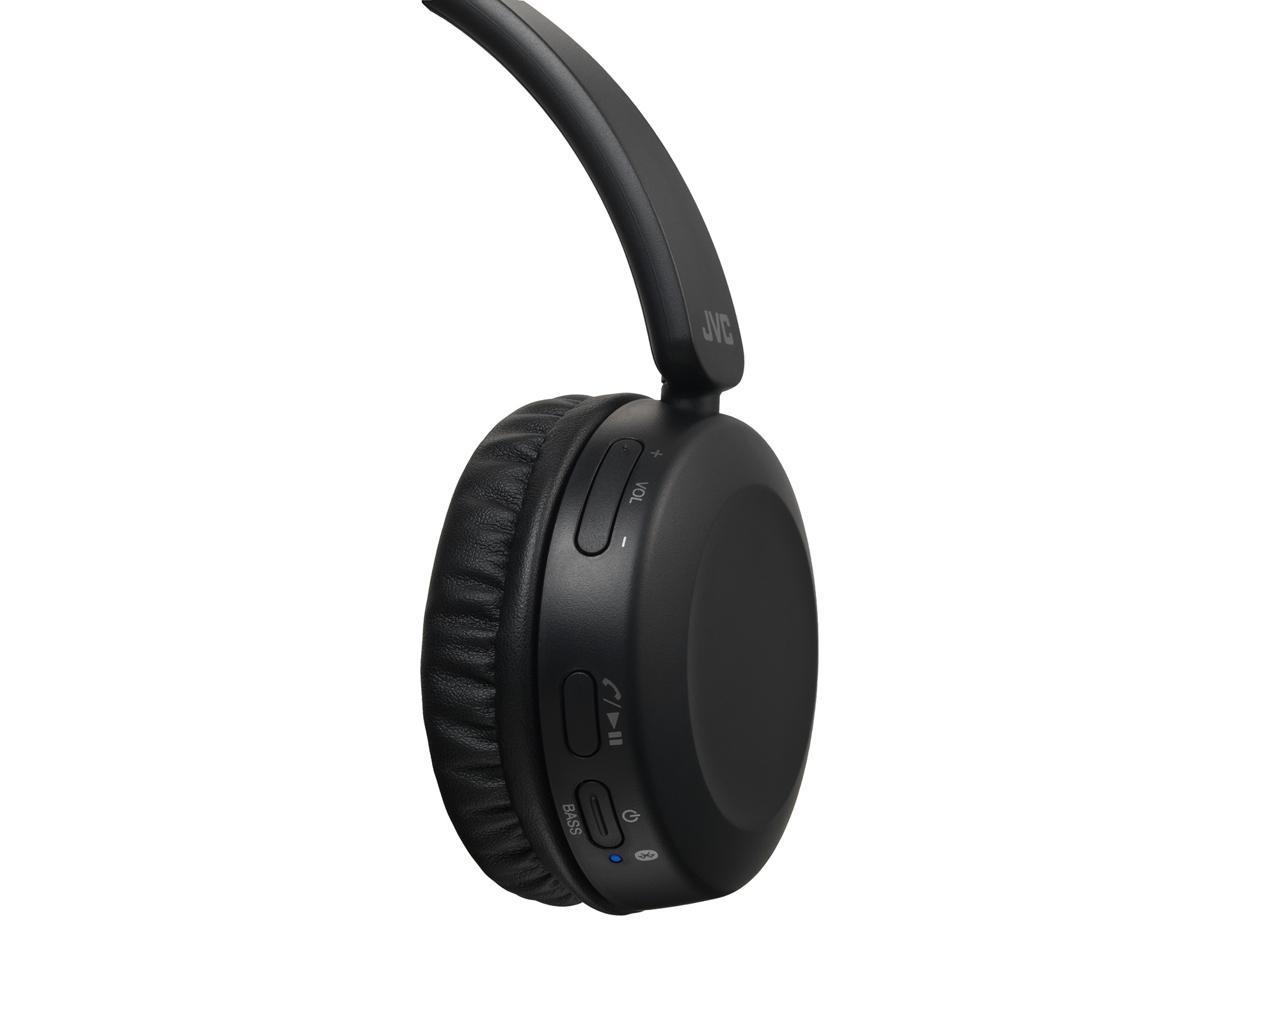 JVC HA-S31BT Bluetooth Headphones - Closeup Controls View